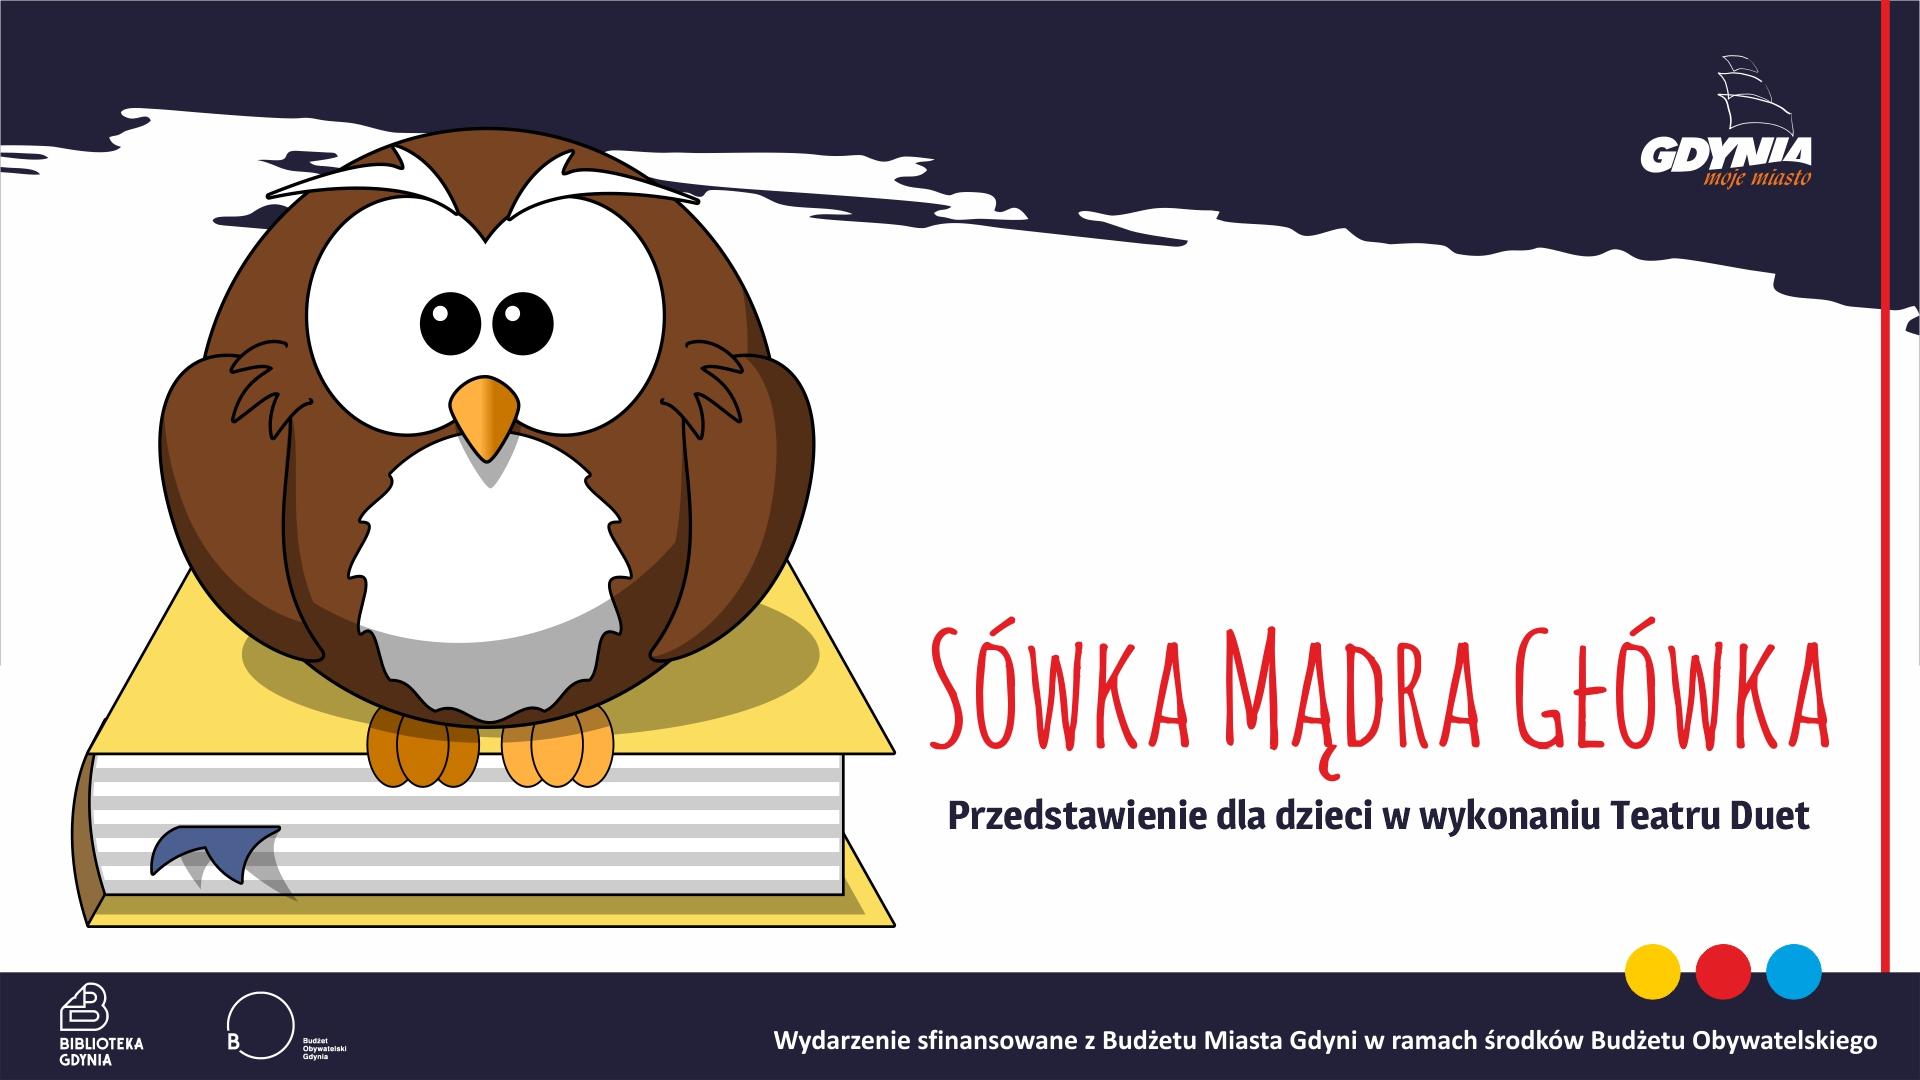 Sówka Mądra Główka